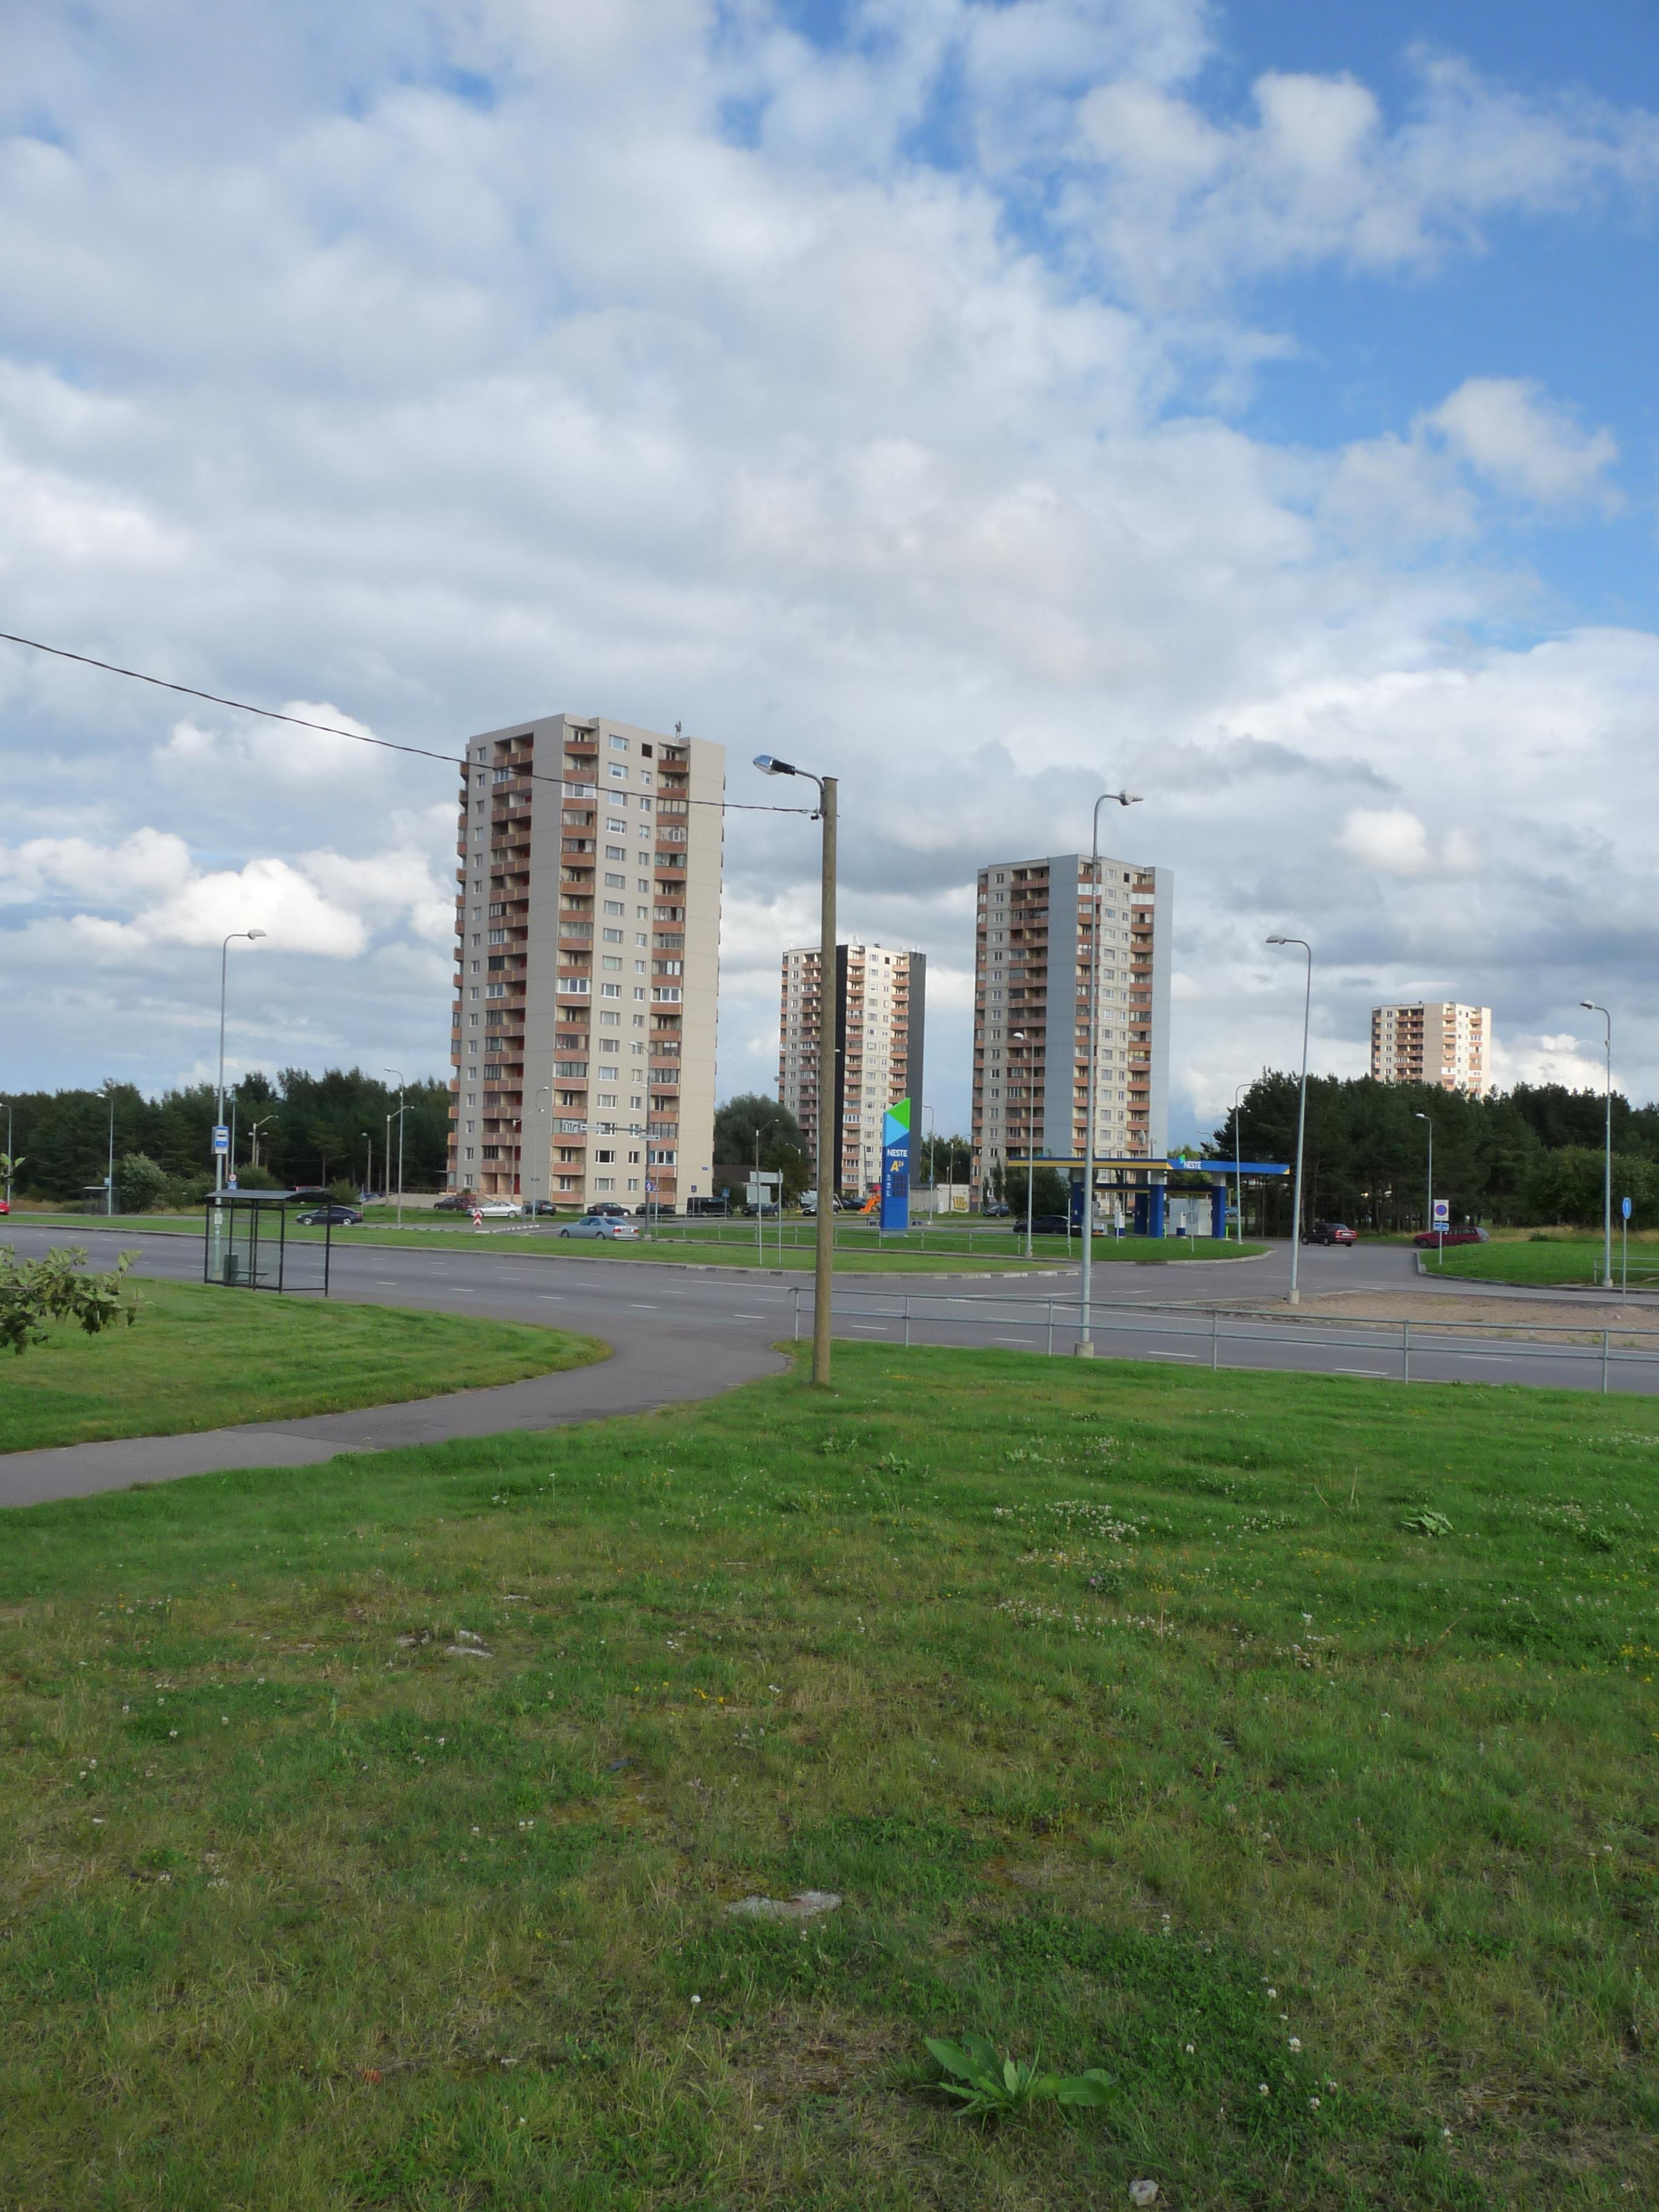 Seli (Tallinn)